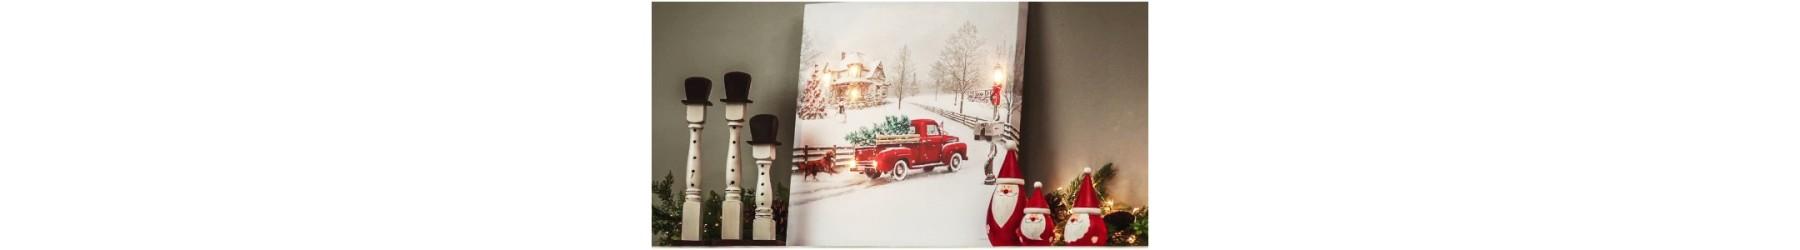 Ταμπέλες και πινακίδες φωτιζόμενες με Χριστουγεννιάτικο θέμα